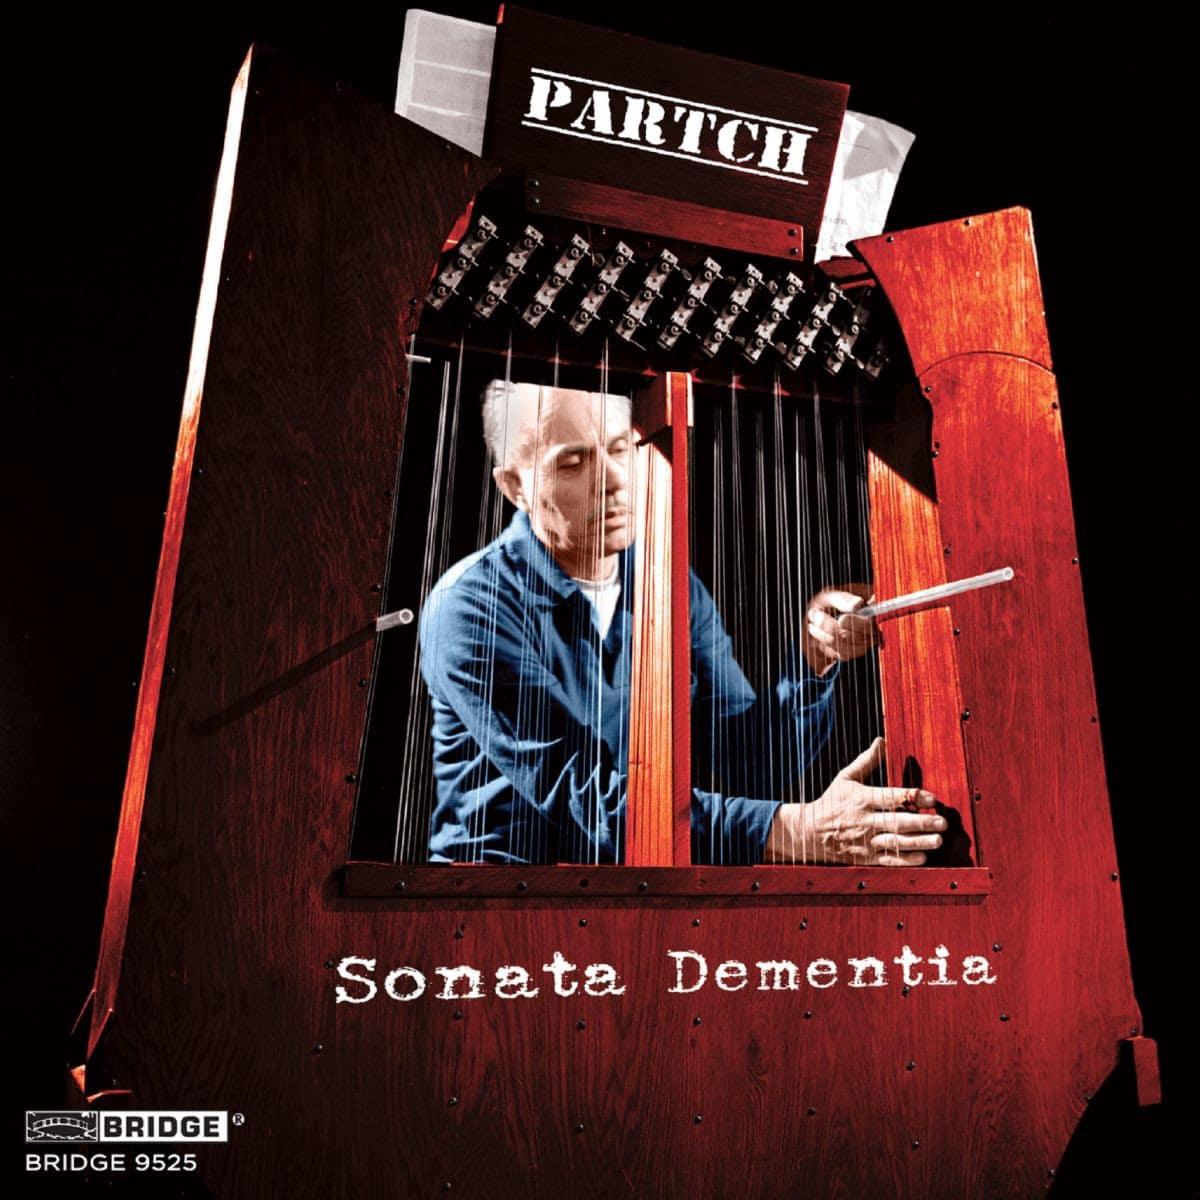 Did you ever hear the Sonata Dementia?